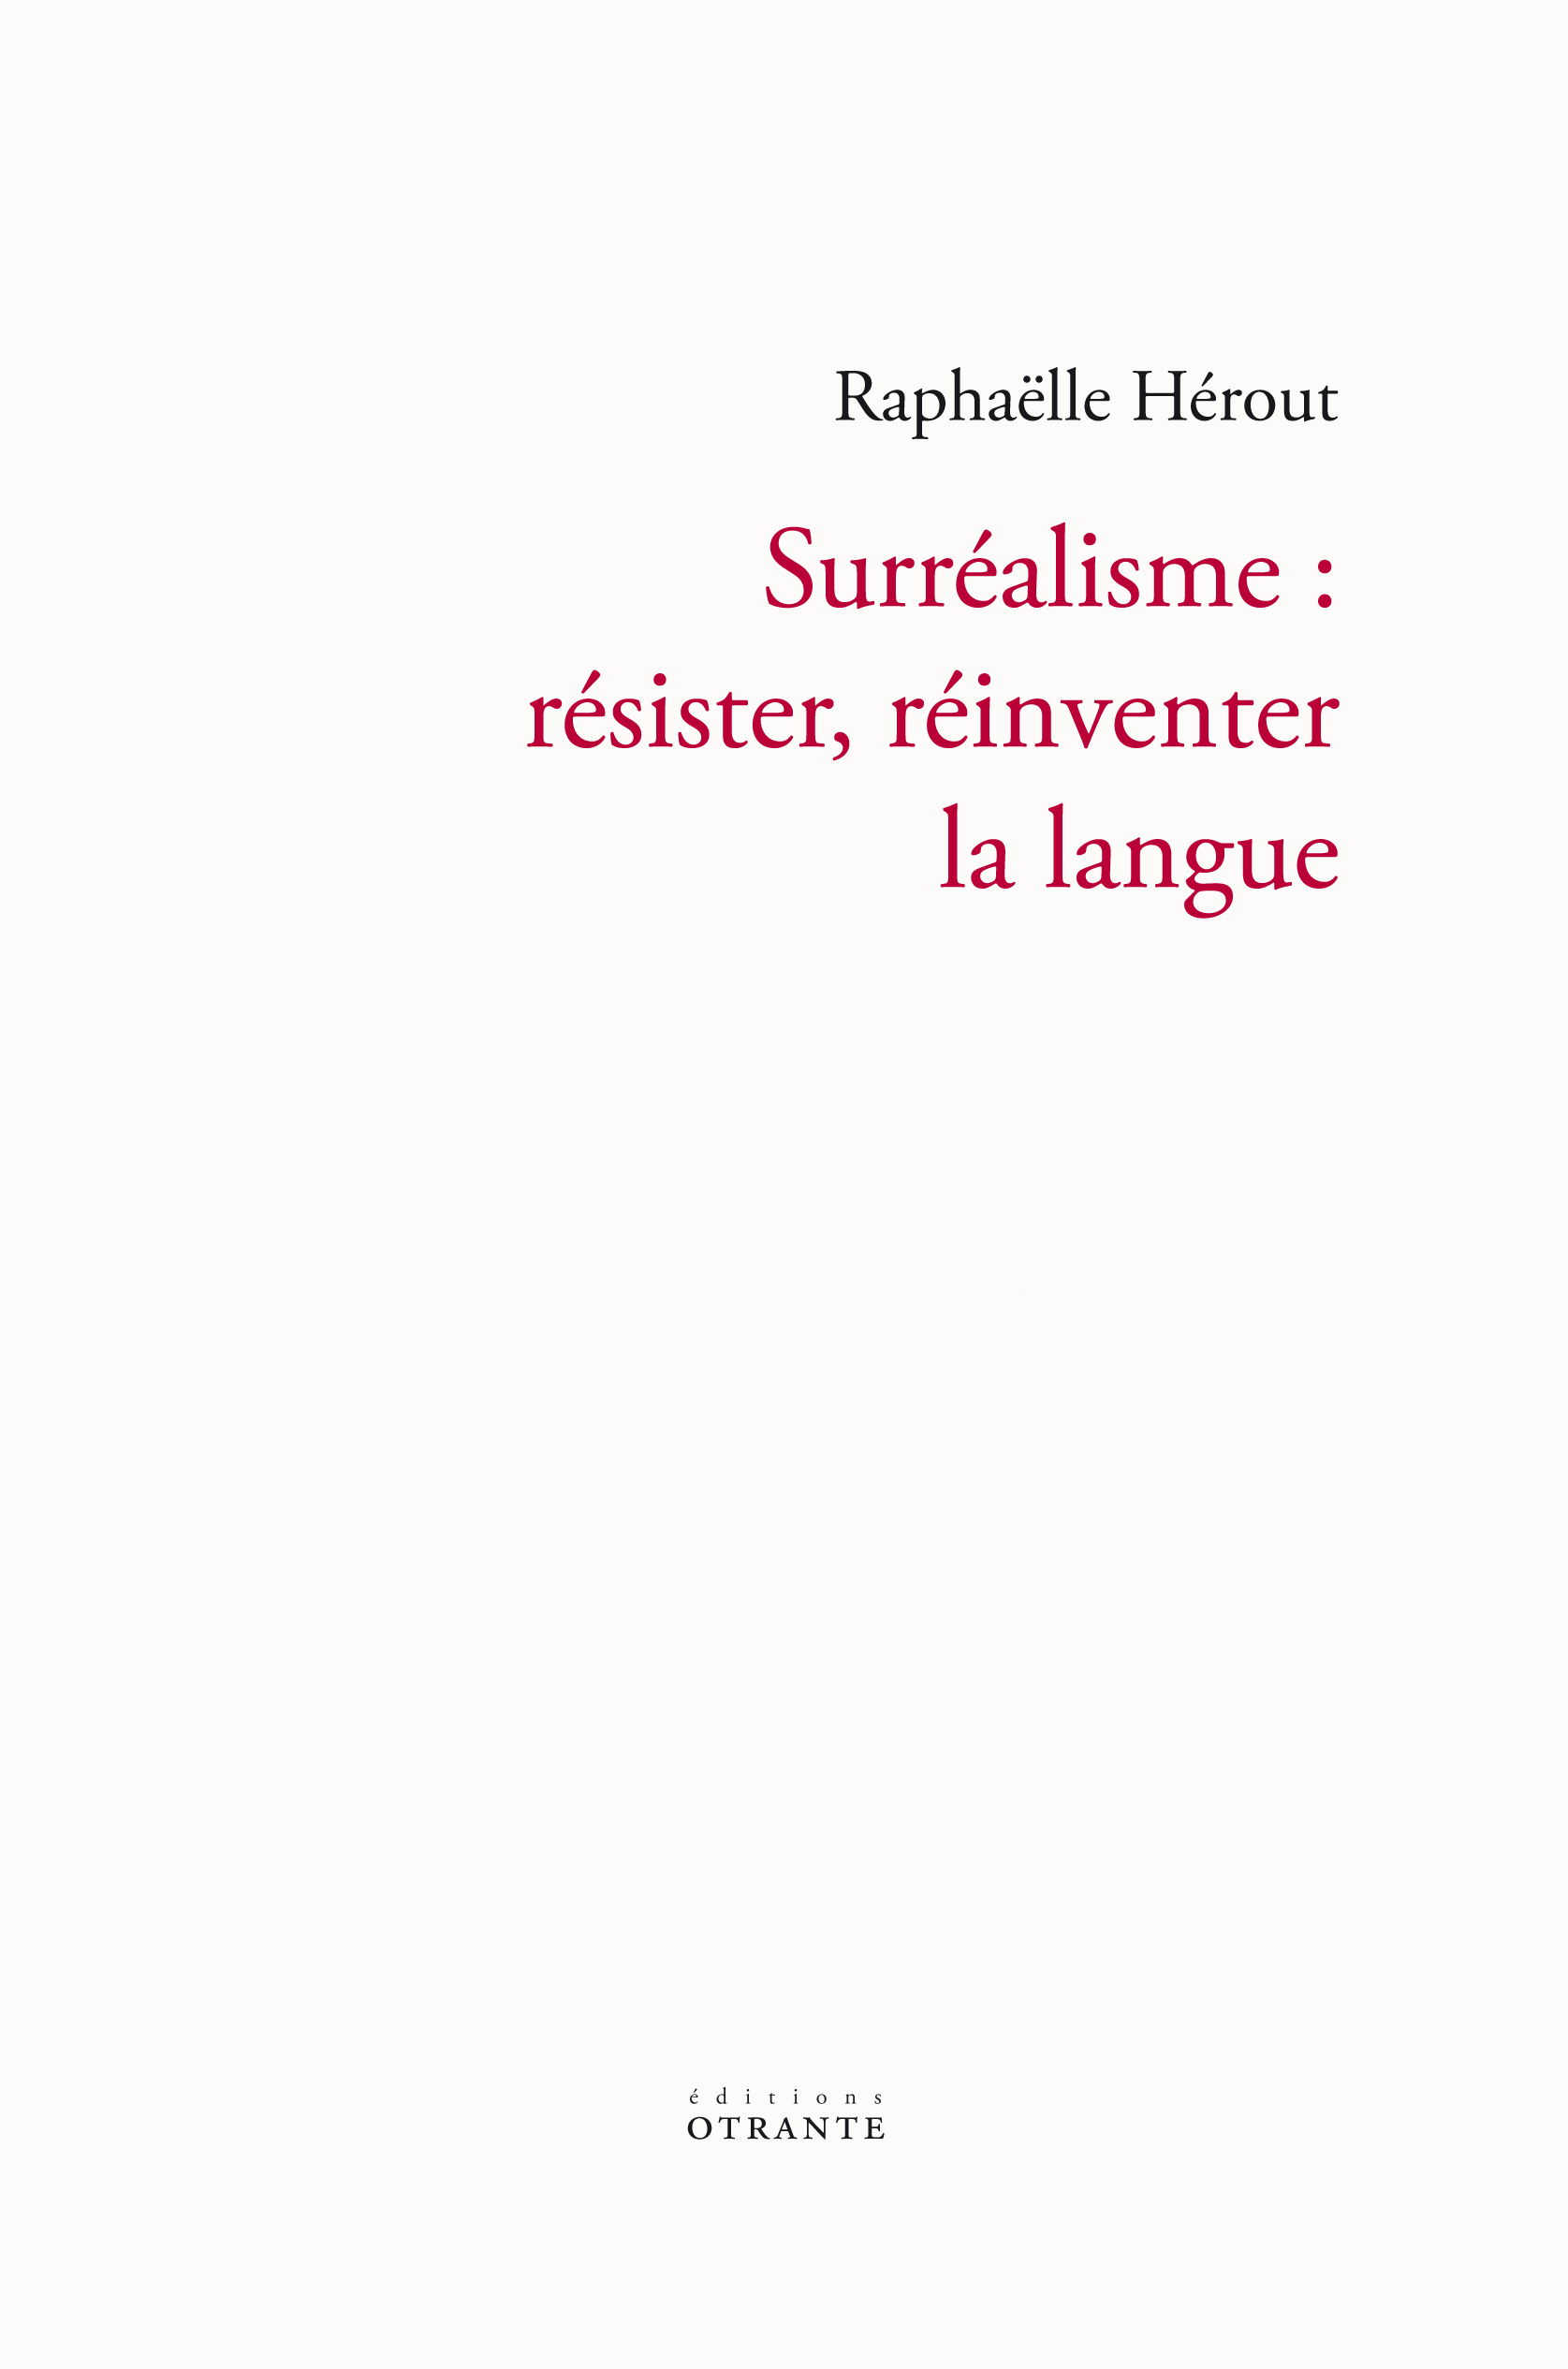 R. Hérout, Surréalisme : résister, réinventer la langue